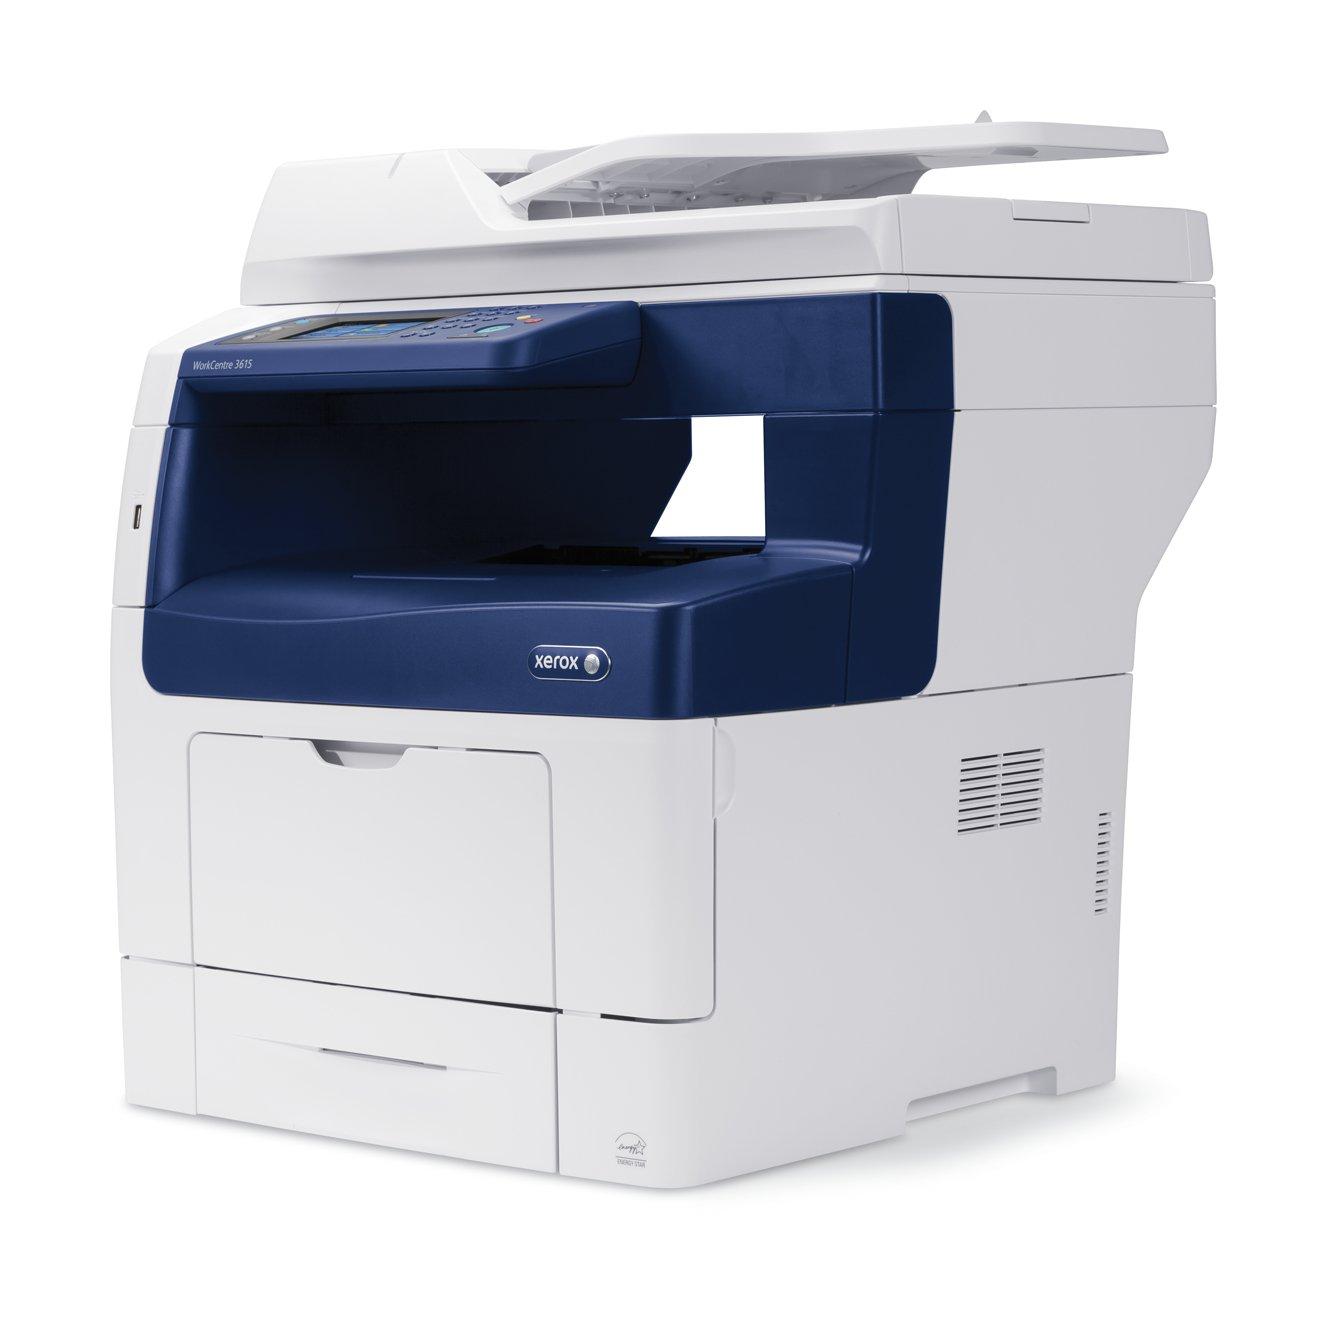 Xerox workcentre 3315 драйвер скачать бесплатно